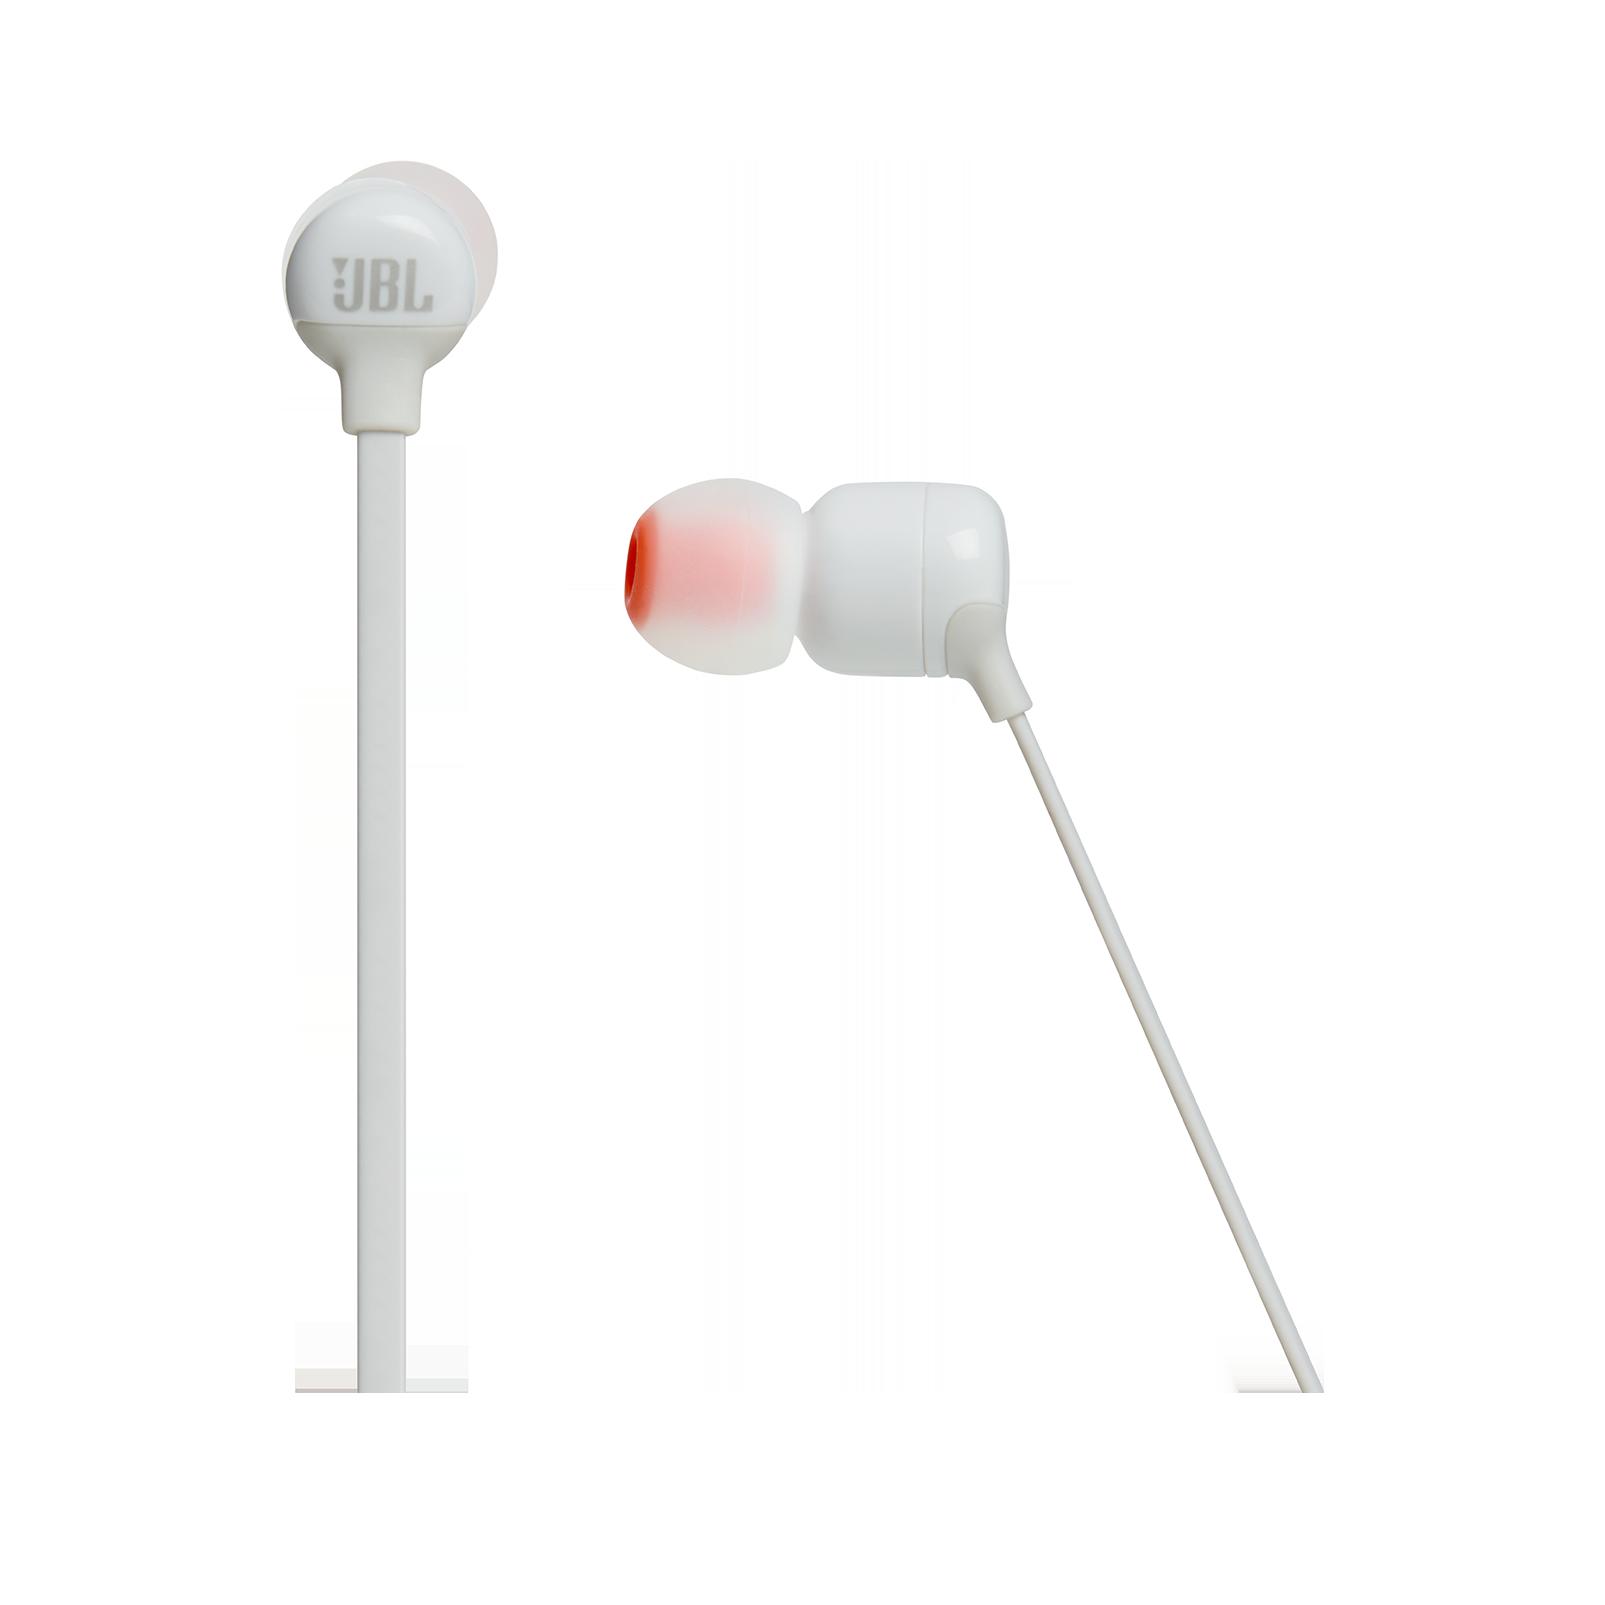 JBL TUNE 160BT - White - Wireless in-ear headphones - Detailshot 3